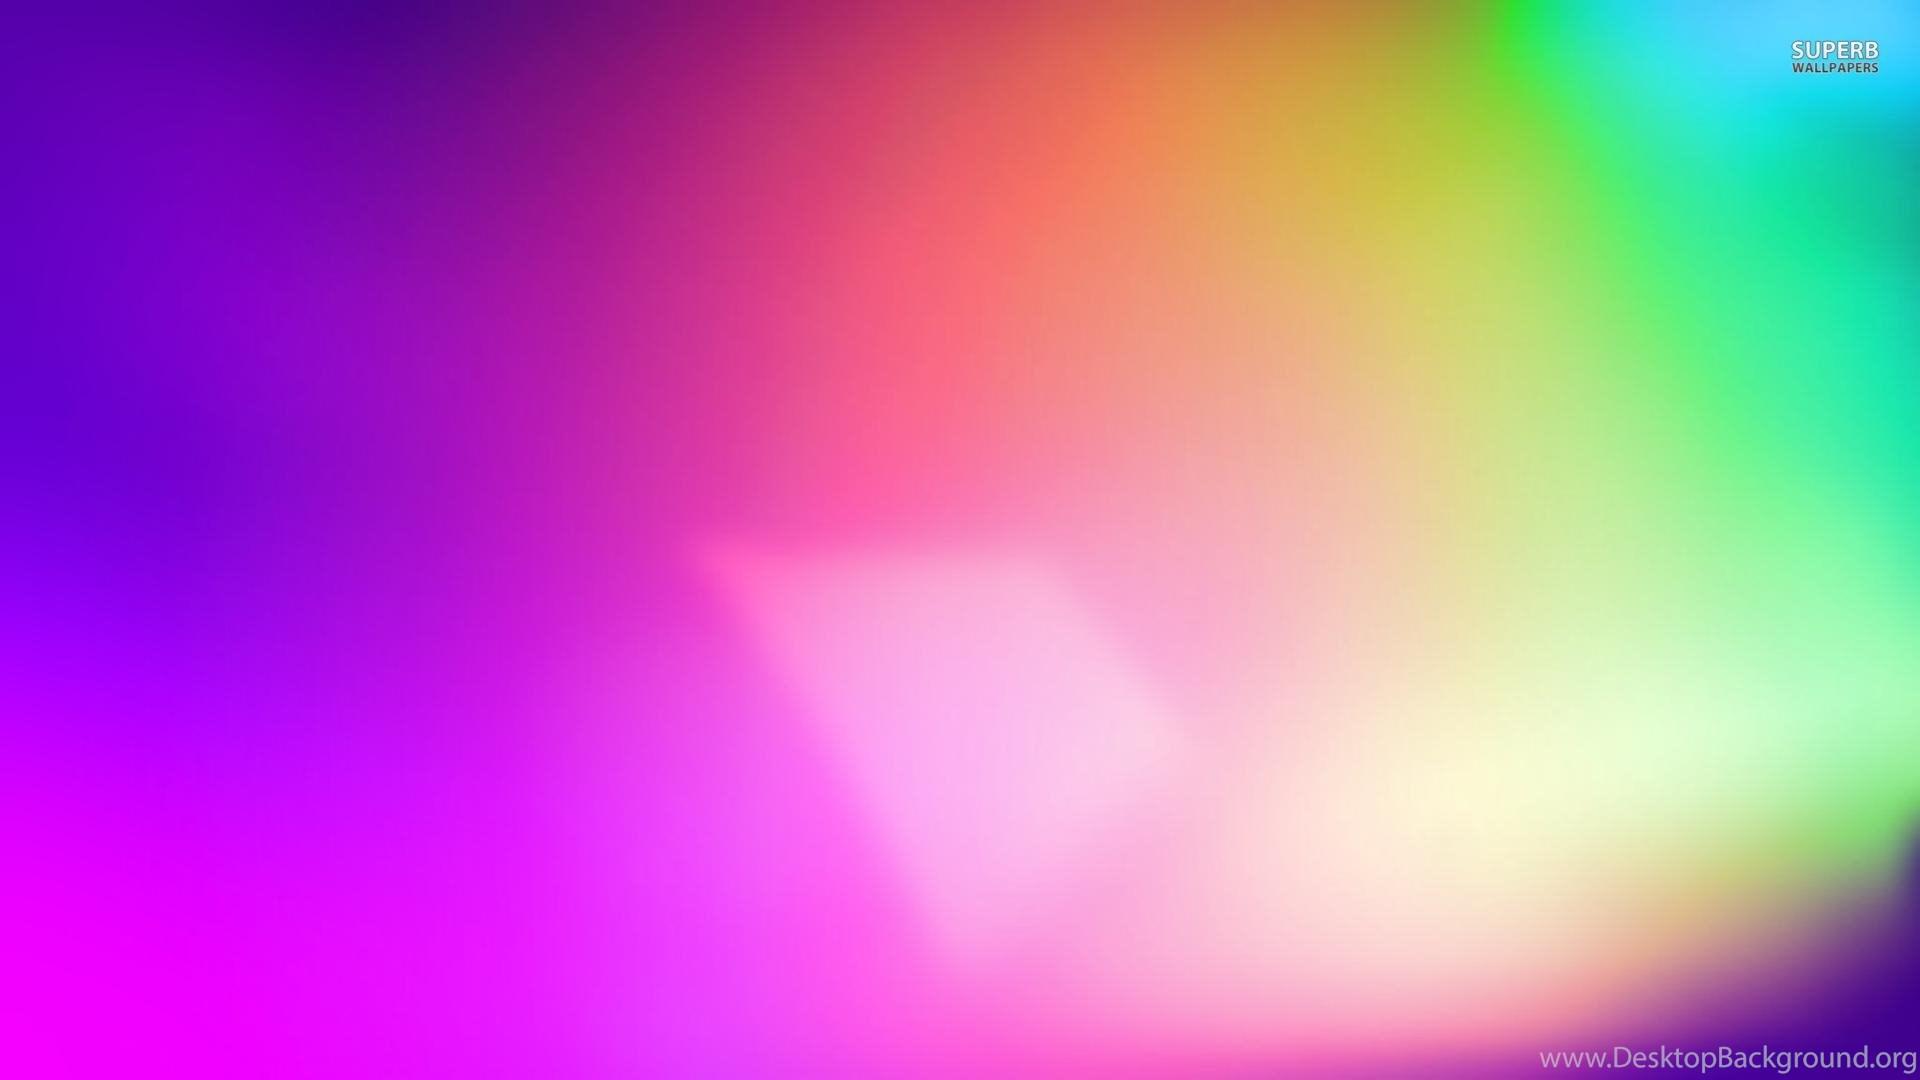 Vibrant Gradient Wallpapers Abstract Wallpapers Desktop ...